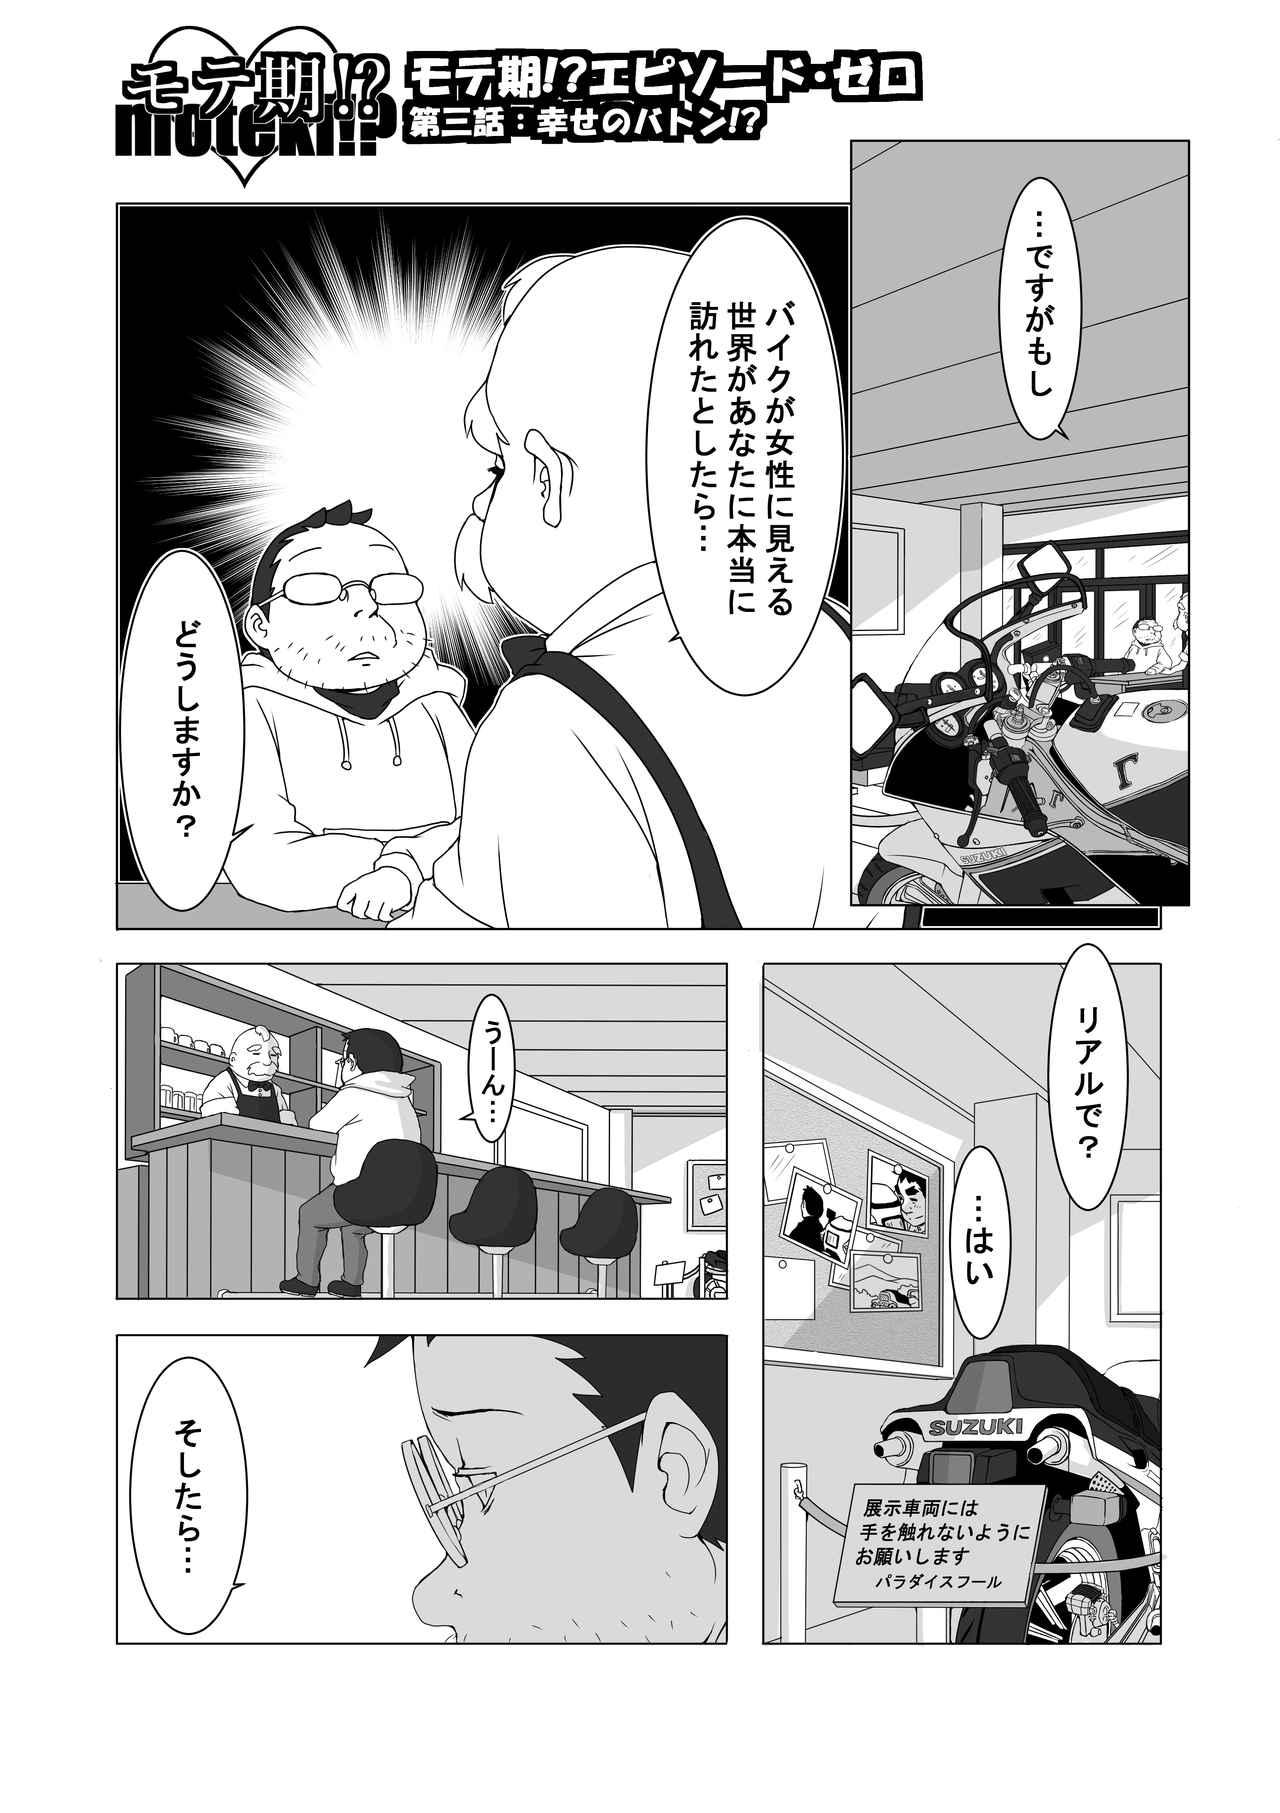 画像1: 『バイク擬人化菌書』連載:モテ期!?エピソード・ゼロ(第3話 幸せのバトン!?) 作:鈴木秀吉